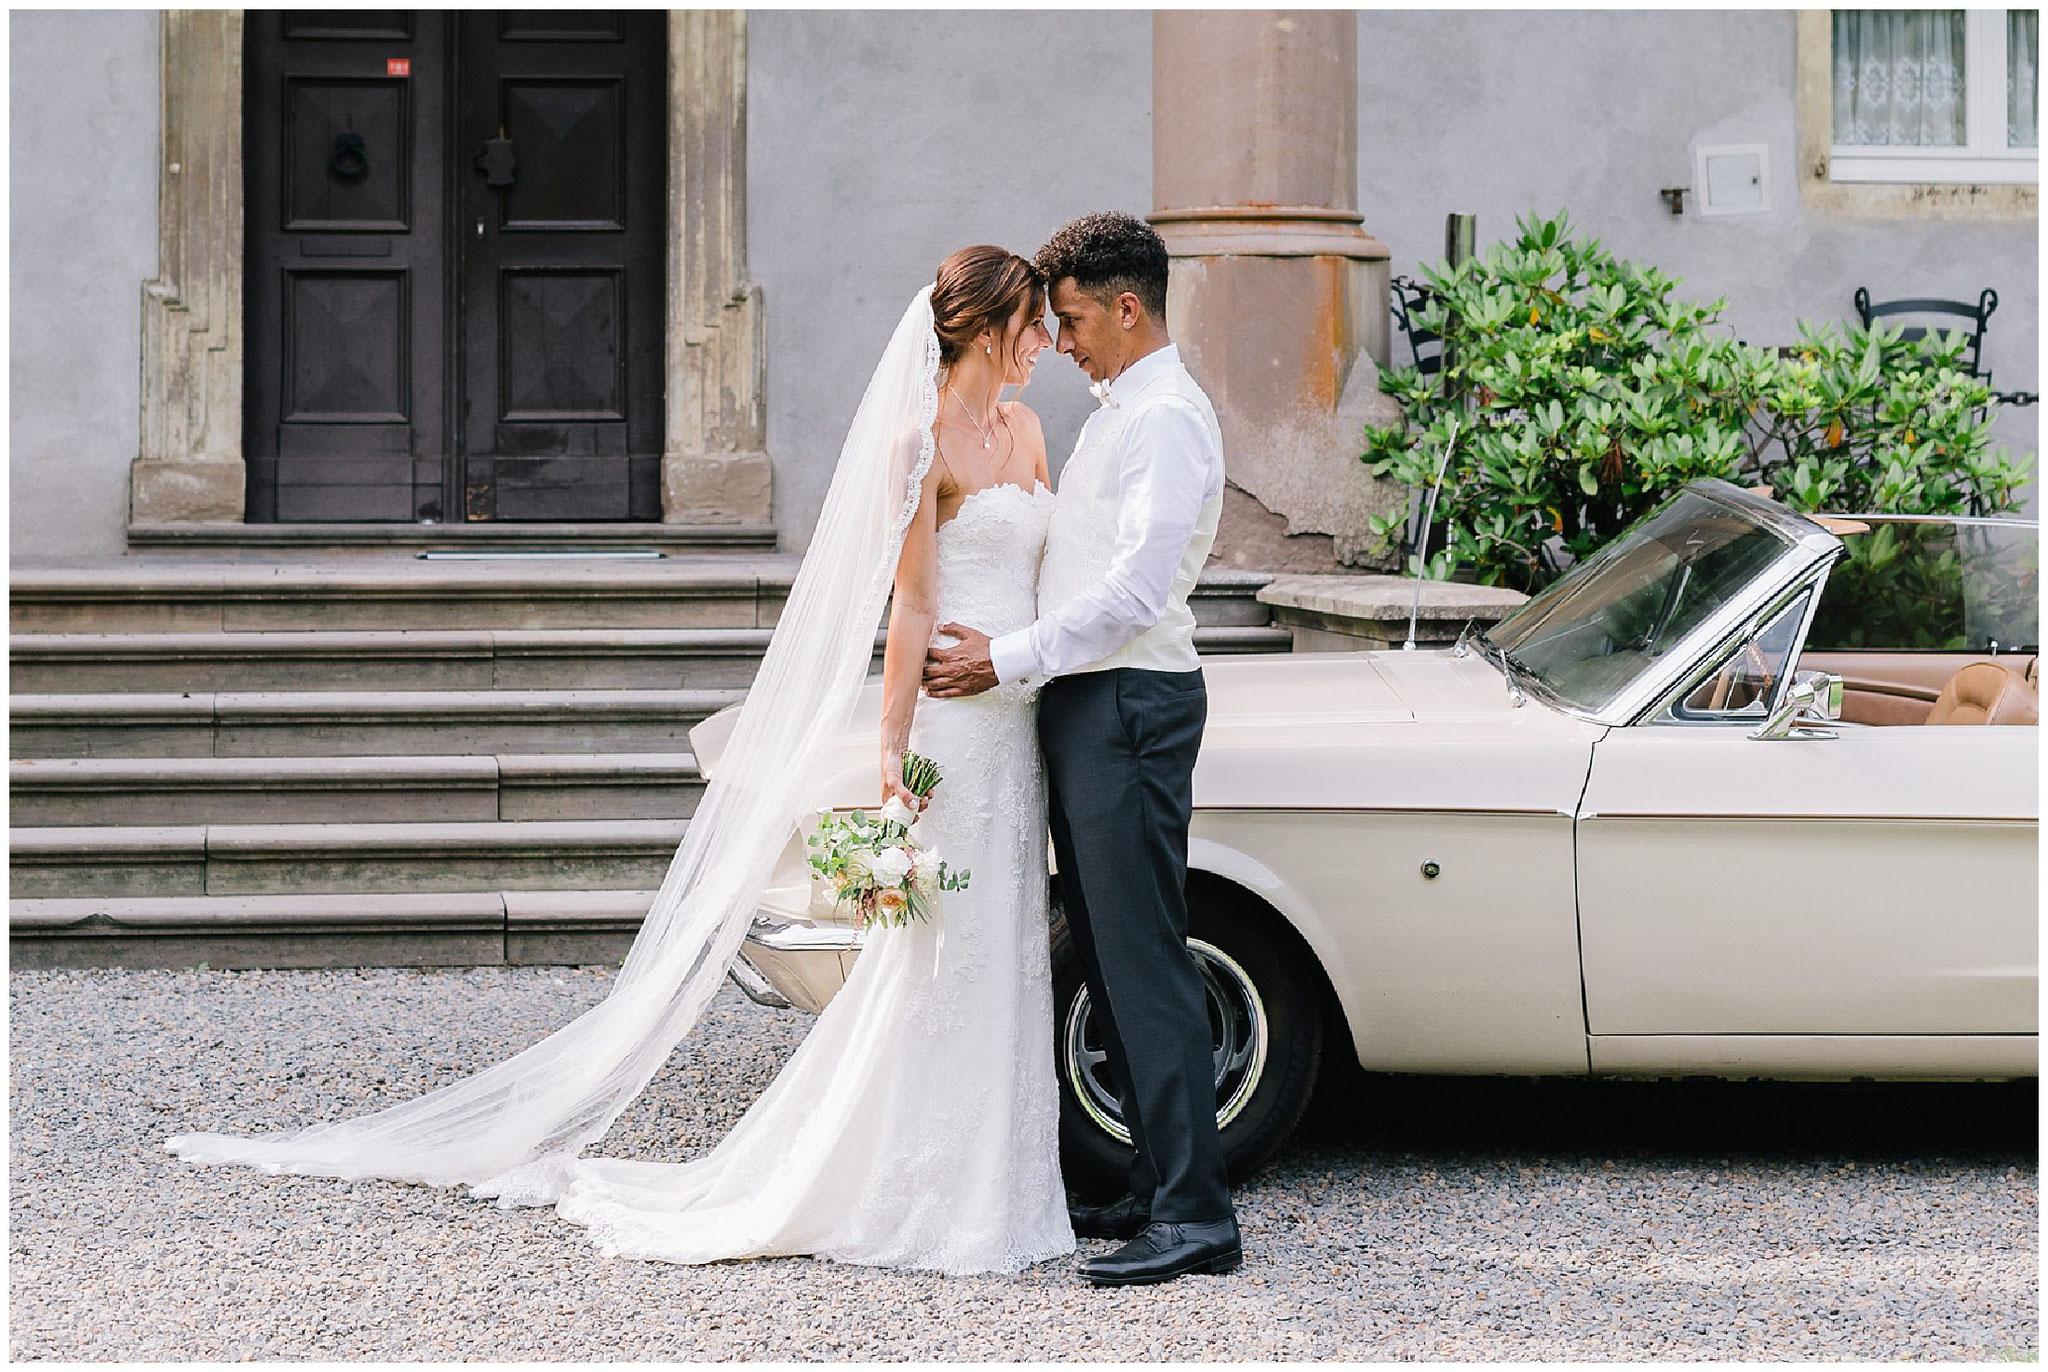 Brautpaar mit Oldtimer Stirn an Stirn hochzeitsfotograf Engelskirchen industrial chic hochzeit fine art wedding Galerie Hammerwerk jane weber